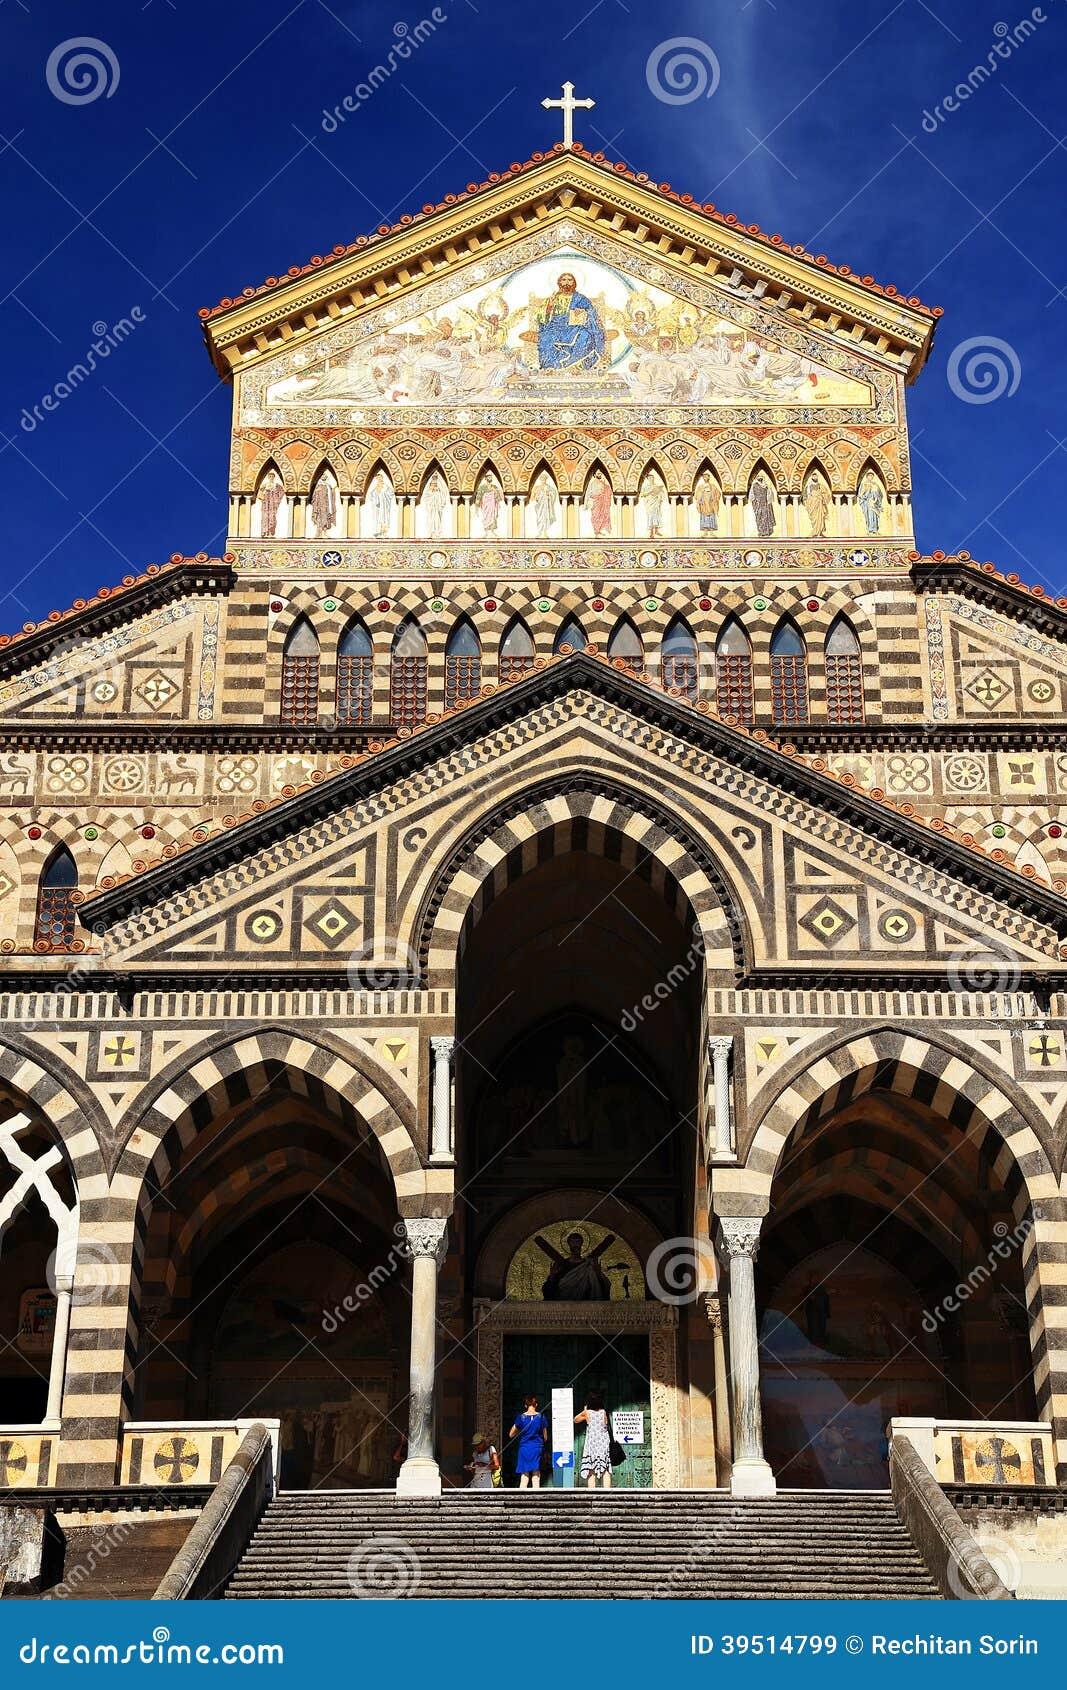 Dom of Amalfi, Campania, Italy